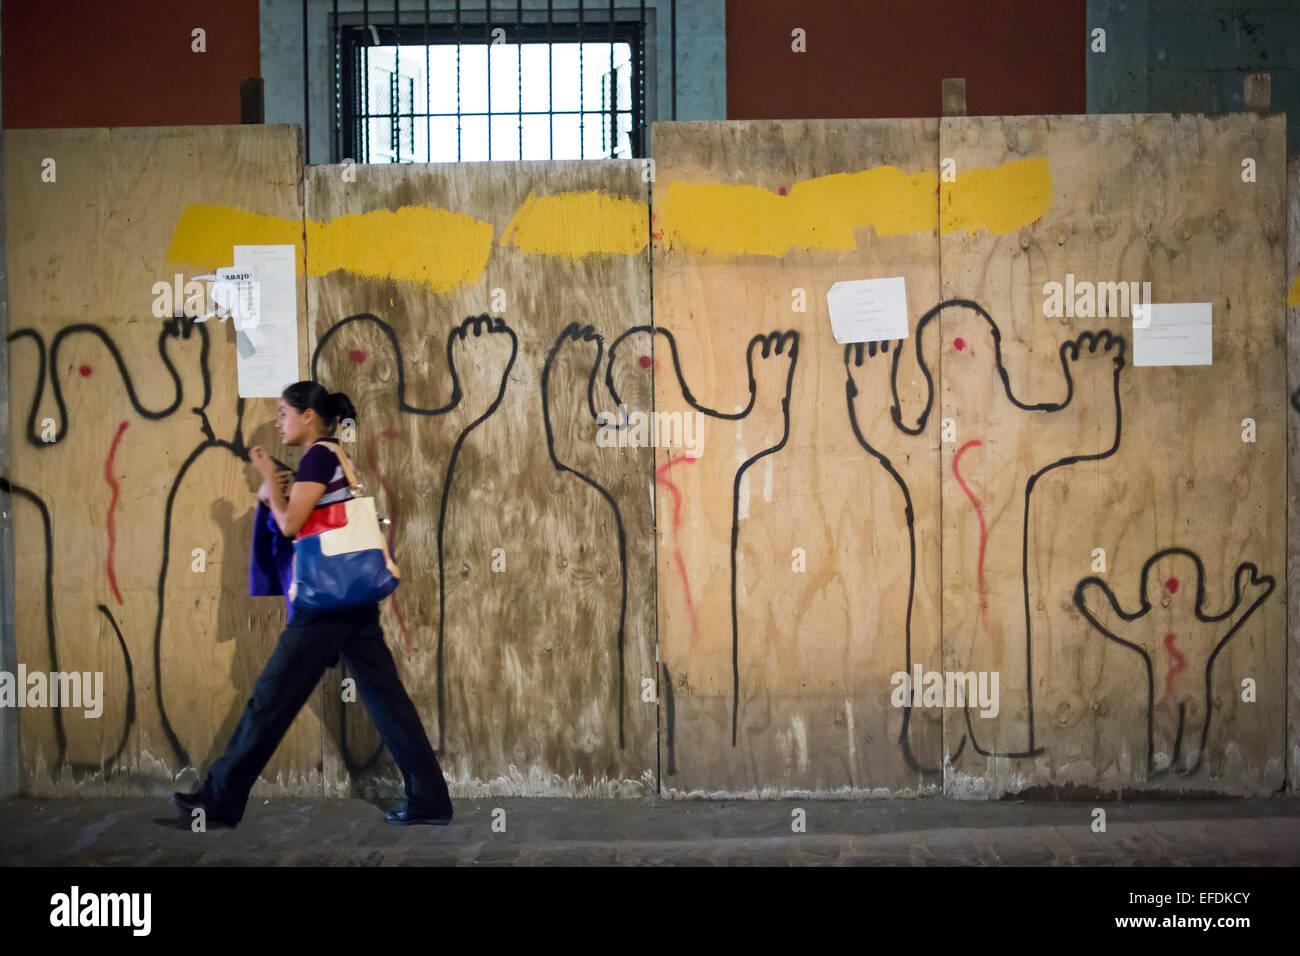 Oaxaca, Messico - 'In alto le mani, non sparare' graffiti su in solidarietà con le proteste contro Immagini Stock